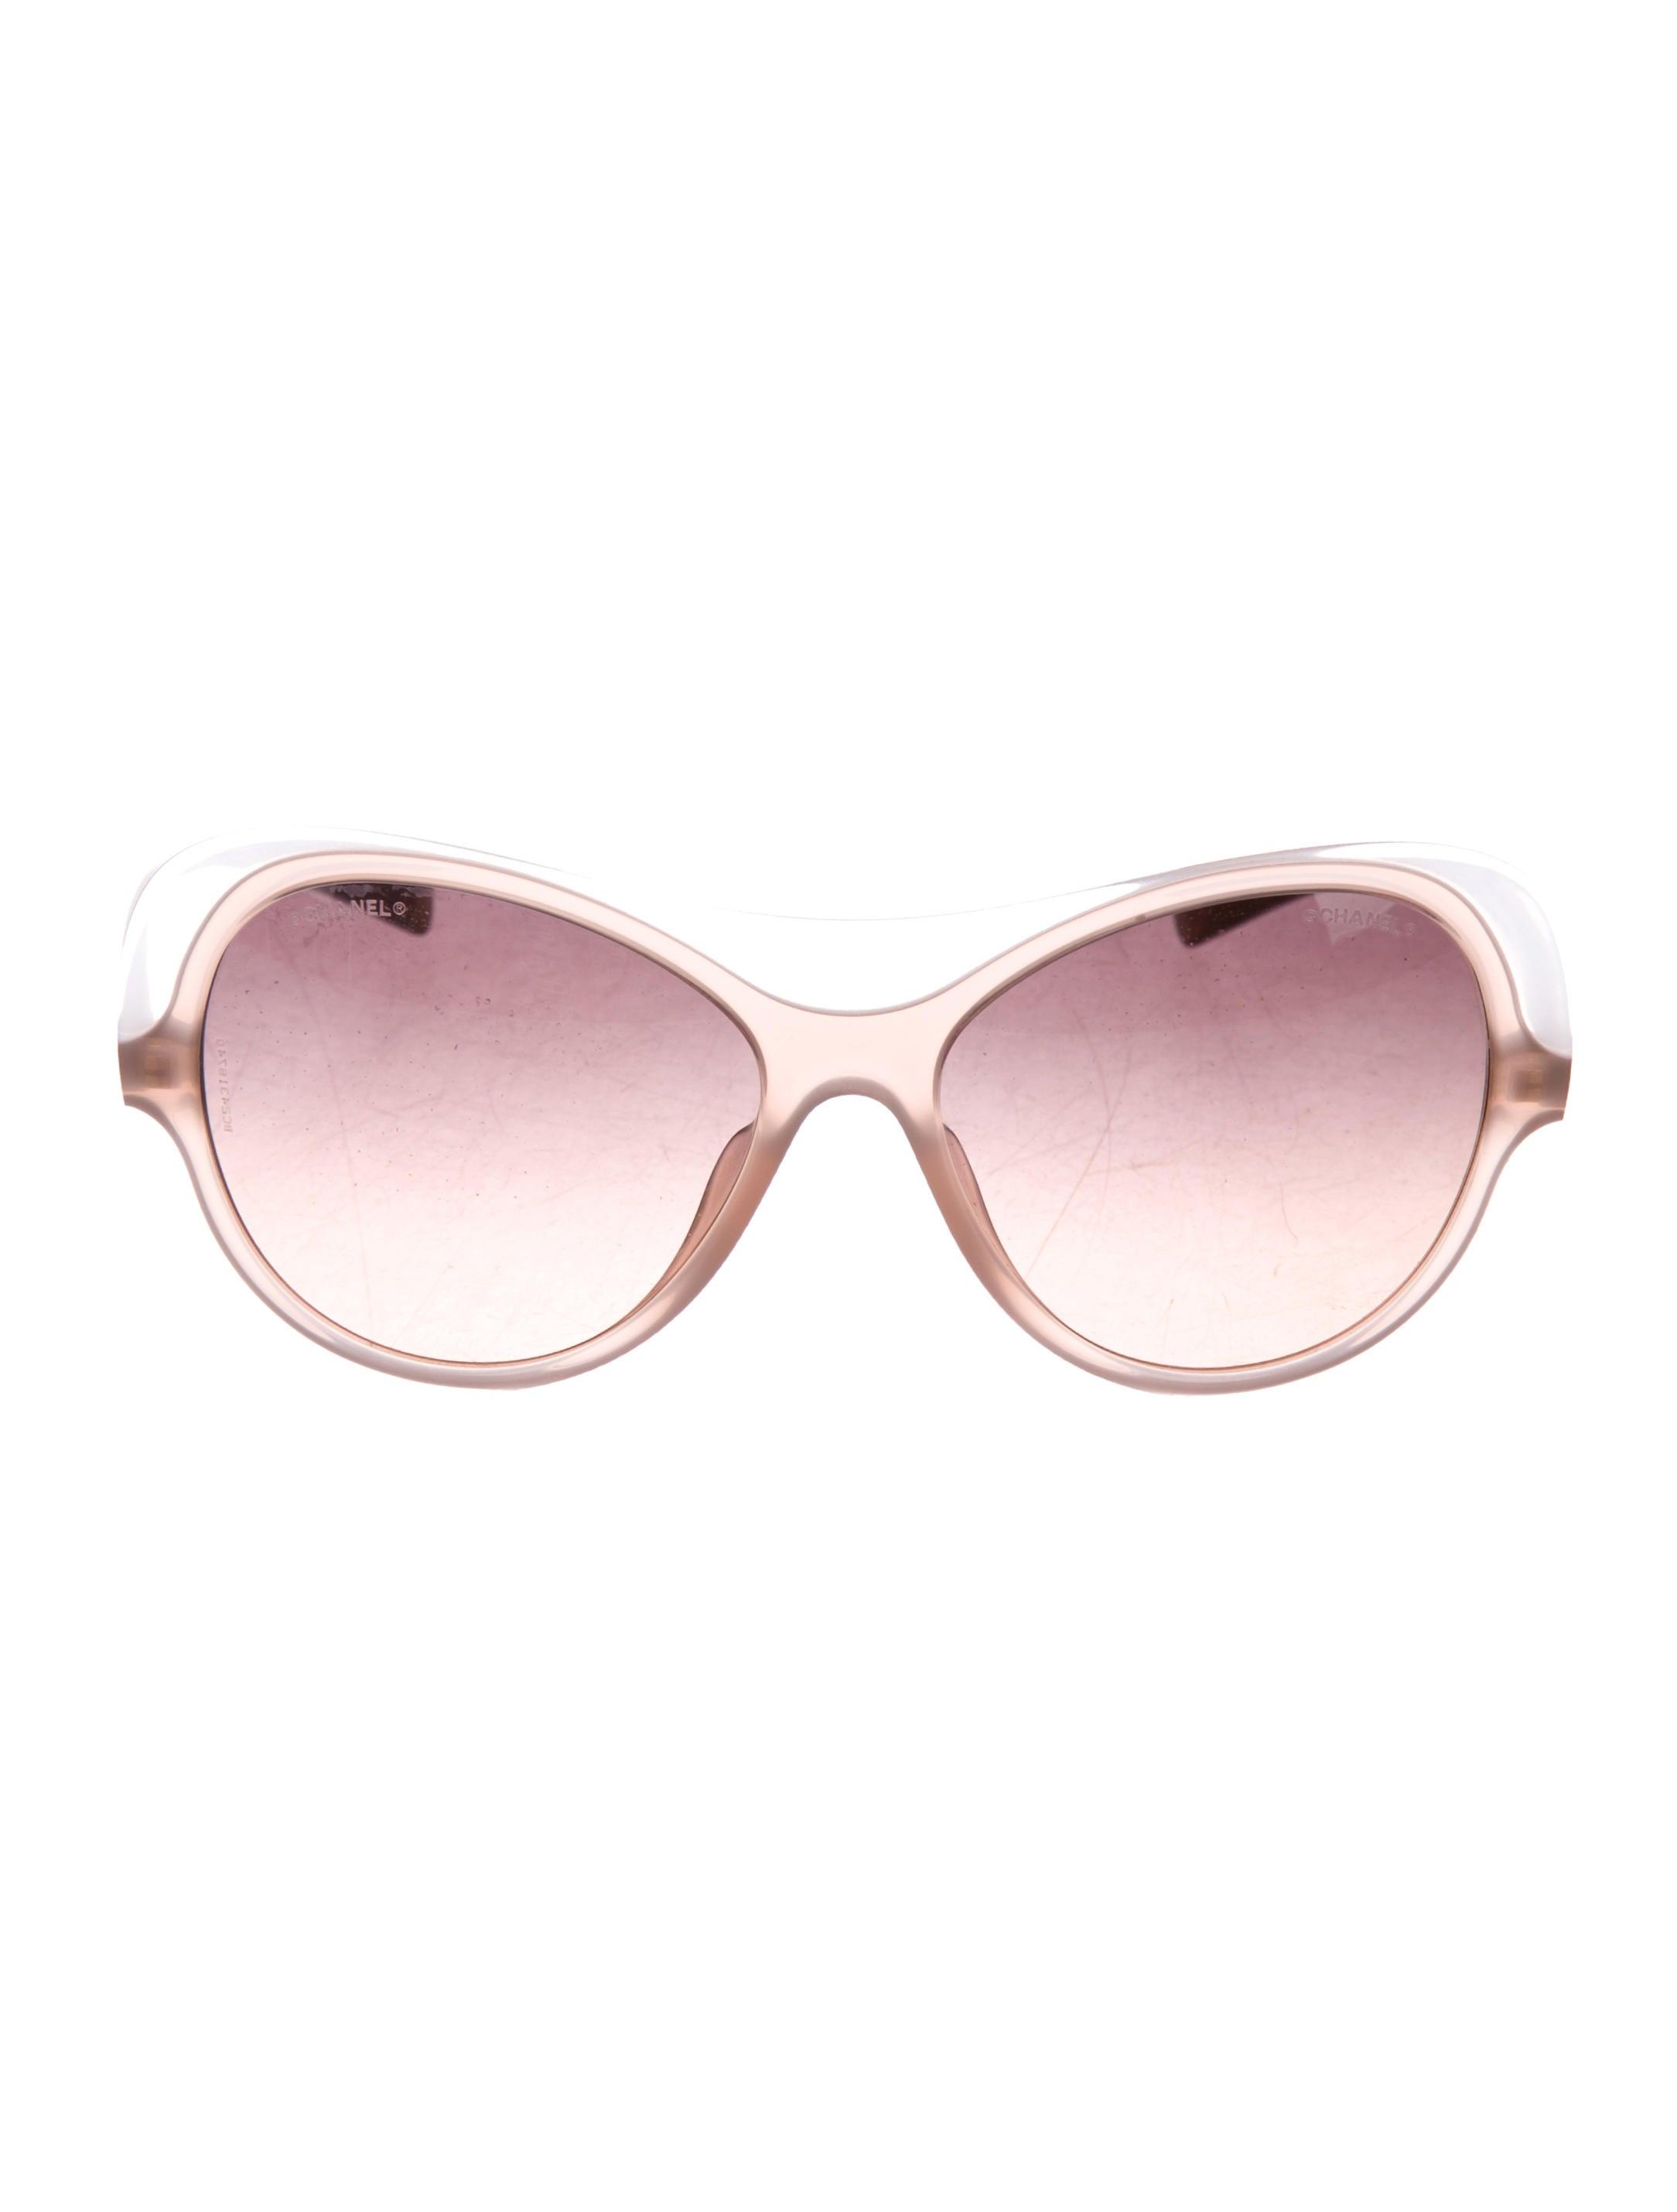 b7da4ef5cd20b Chanel Oversize Gradient Sunglasses - Accessories - CHA323094